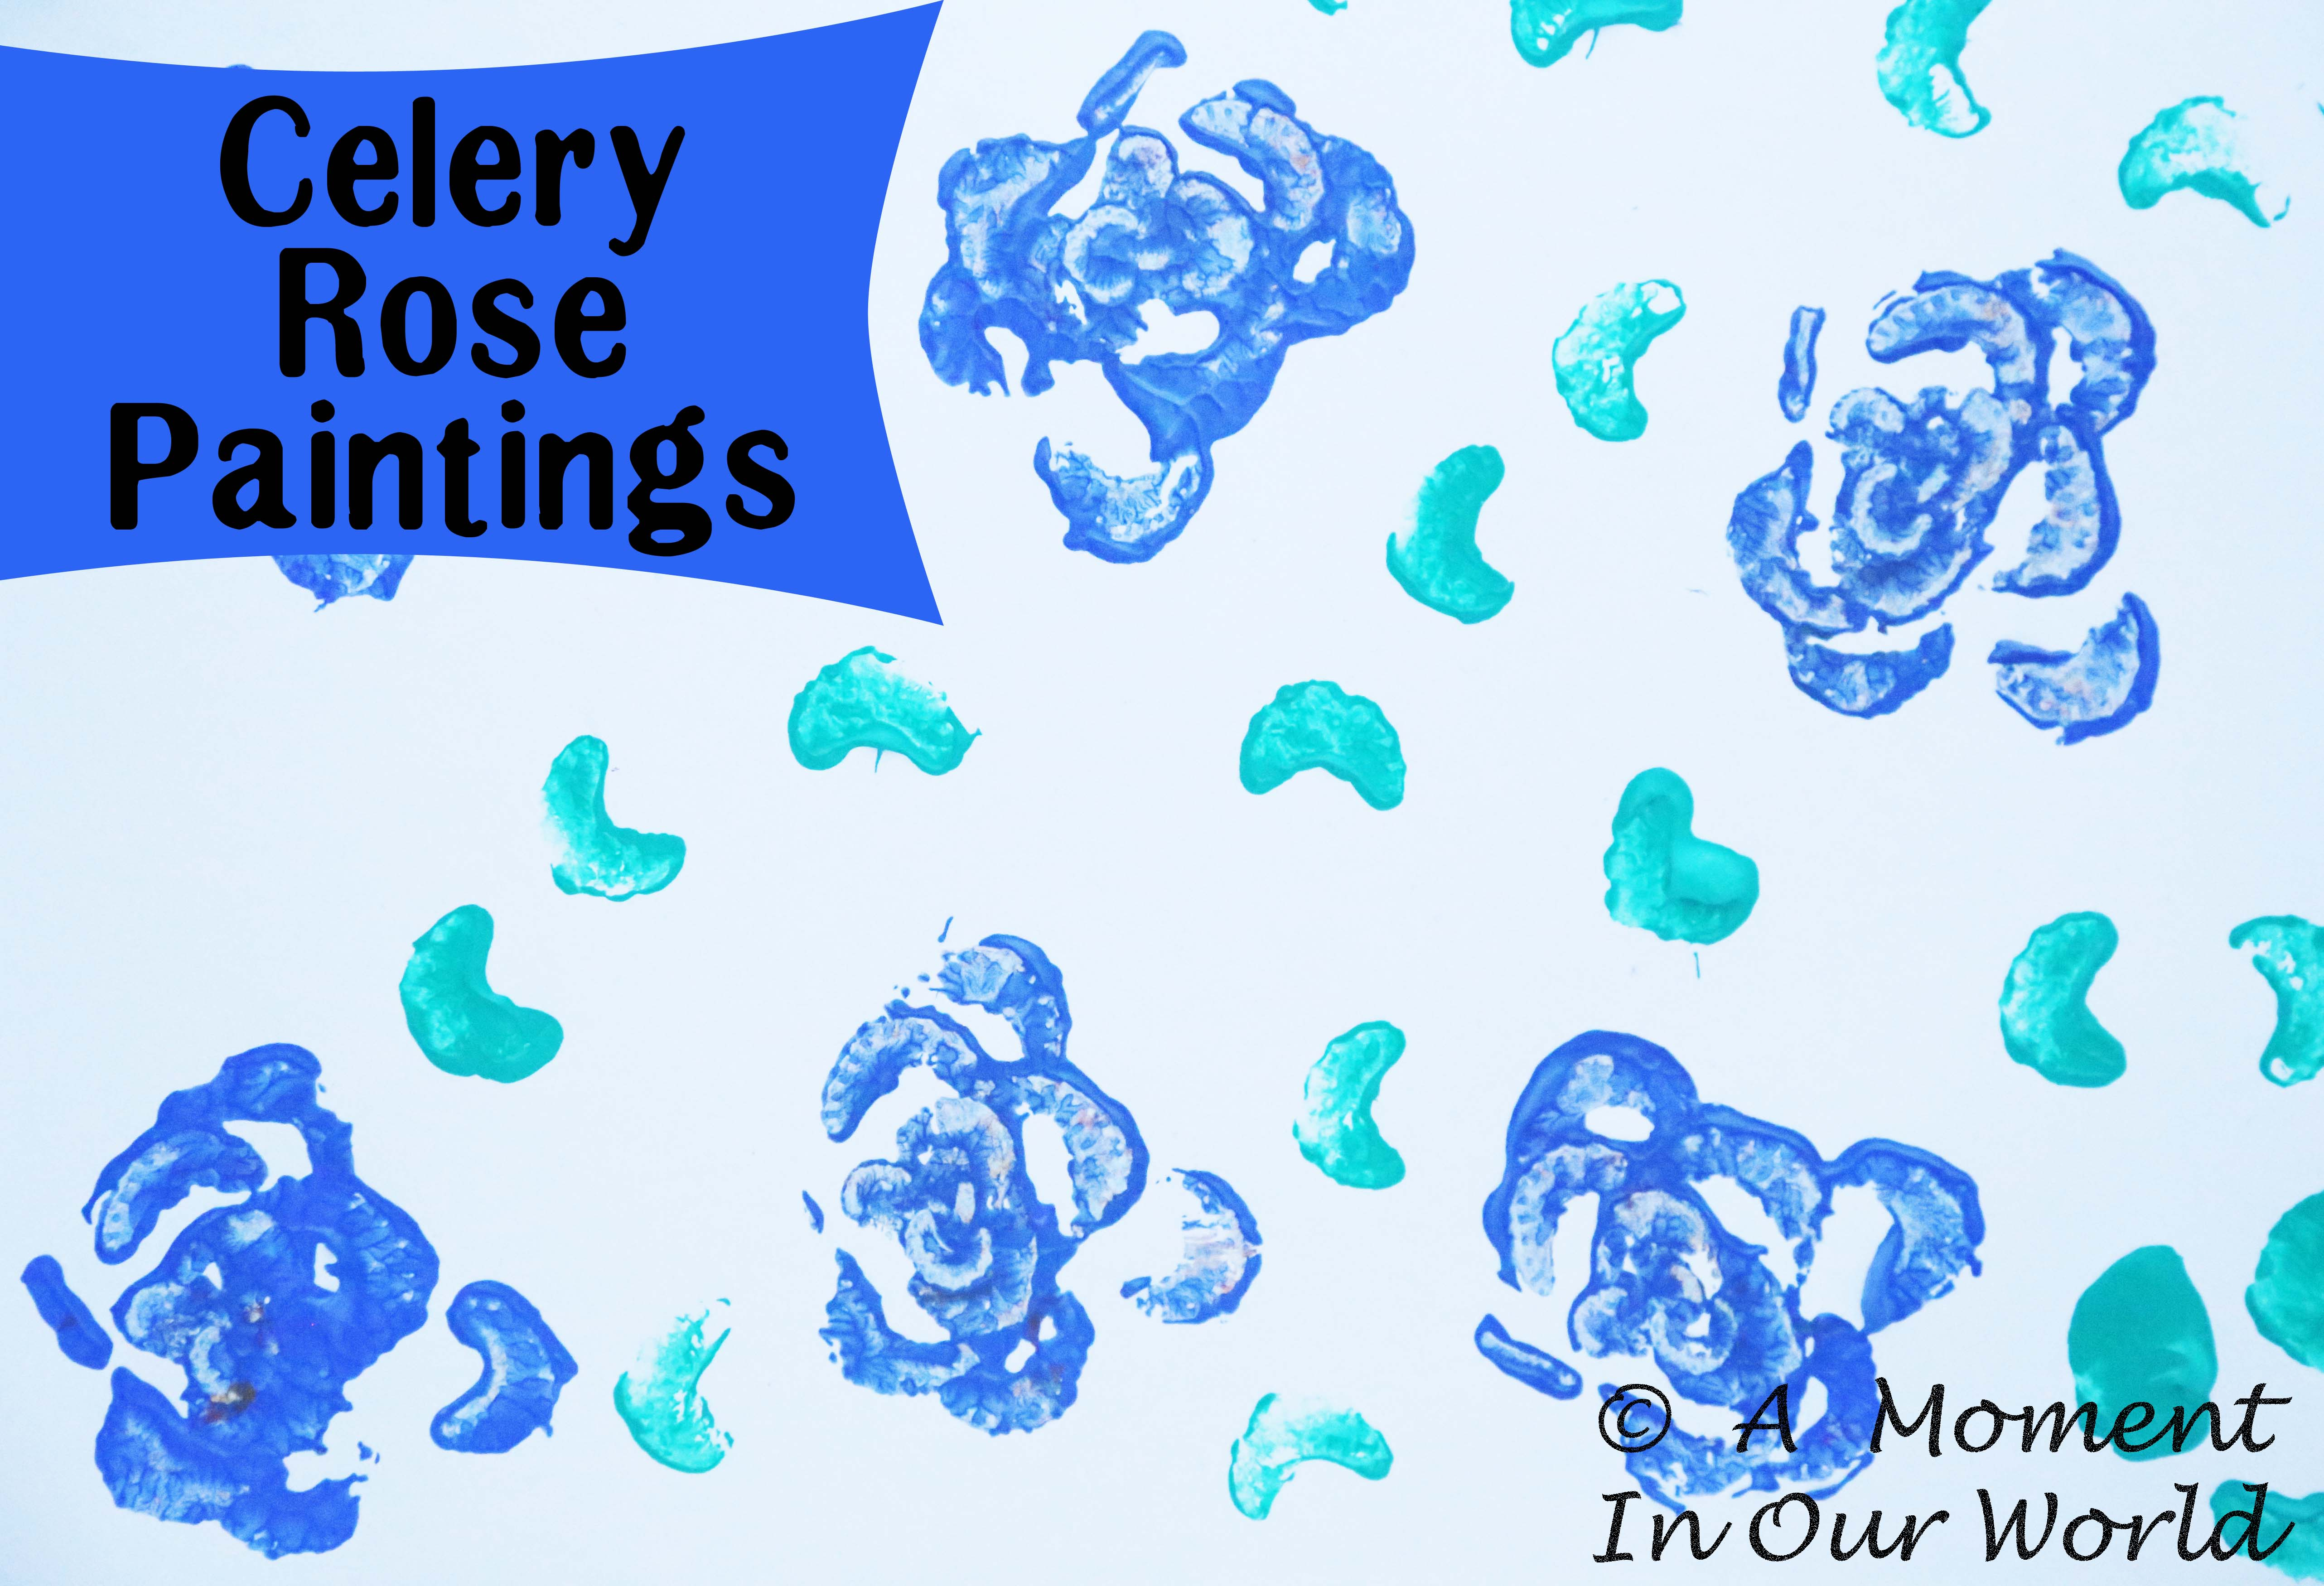 Celery Rose Paintings